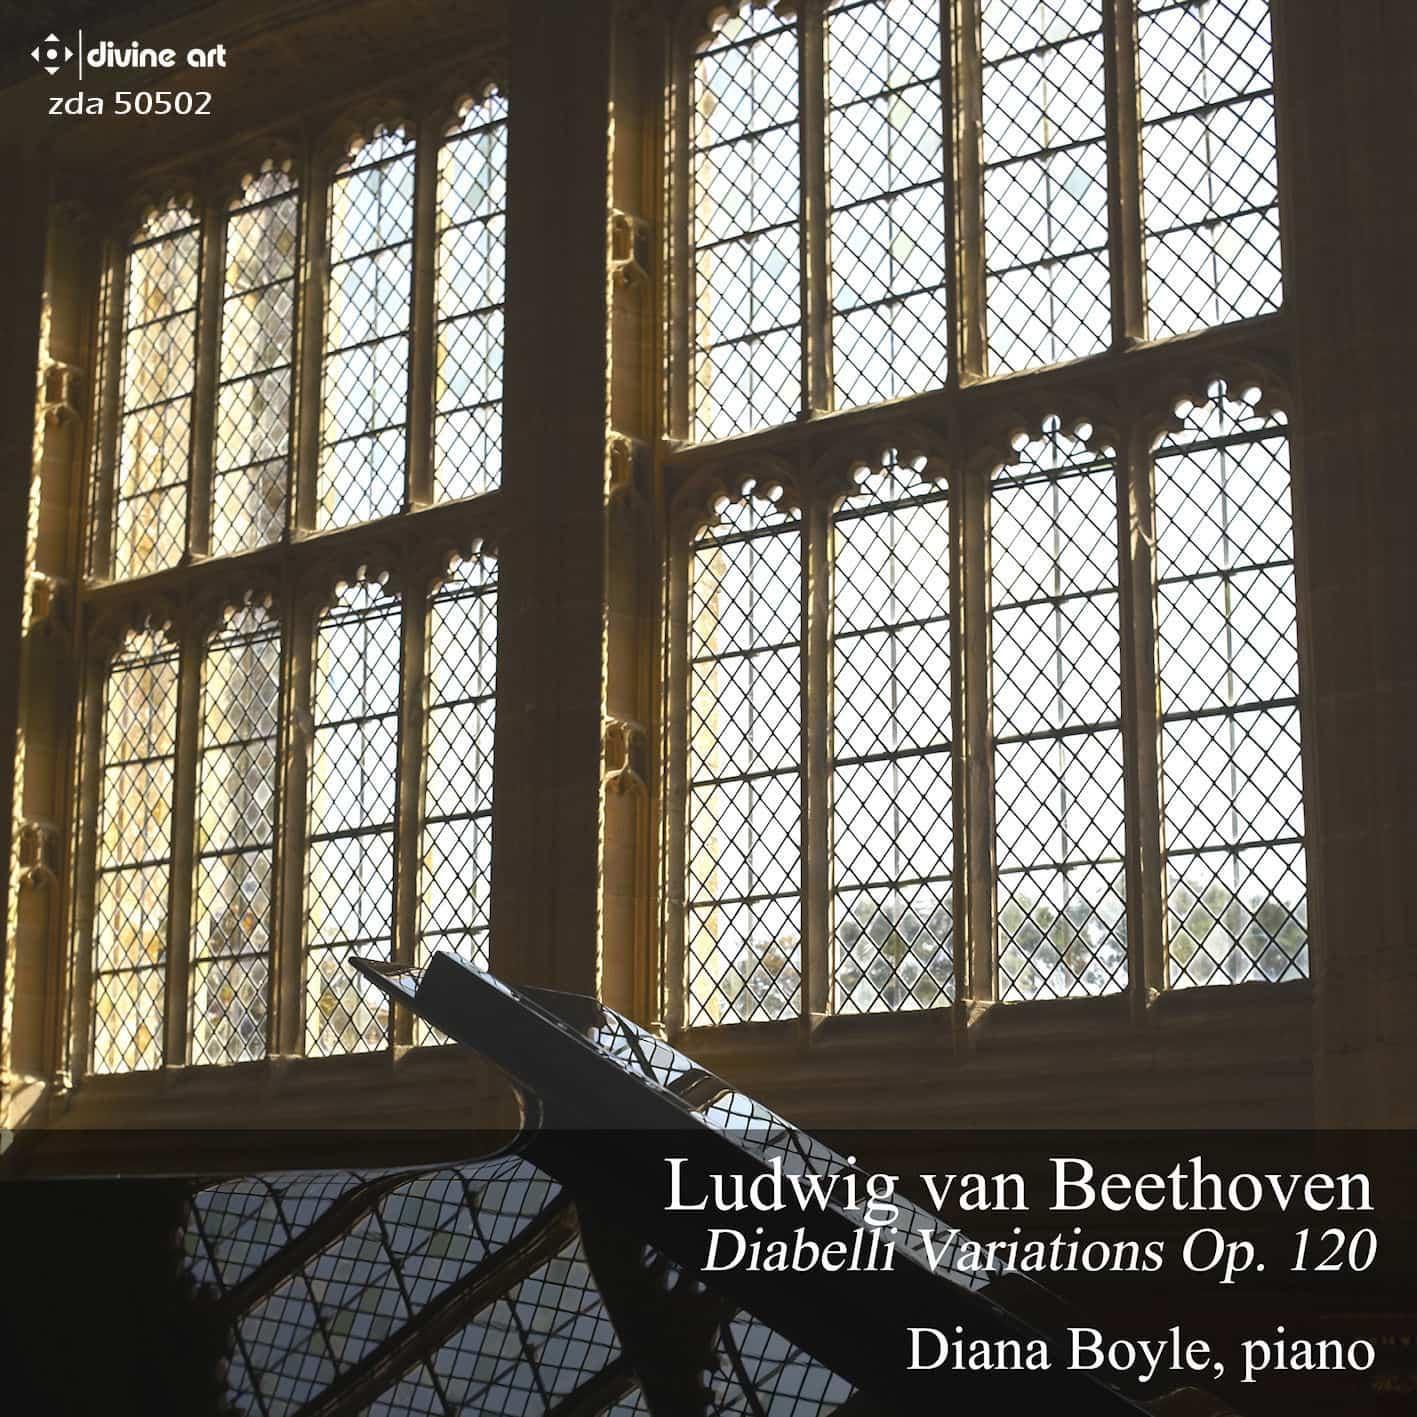 Diana Boyle: Diabelli Variations, Op. 120